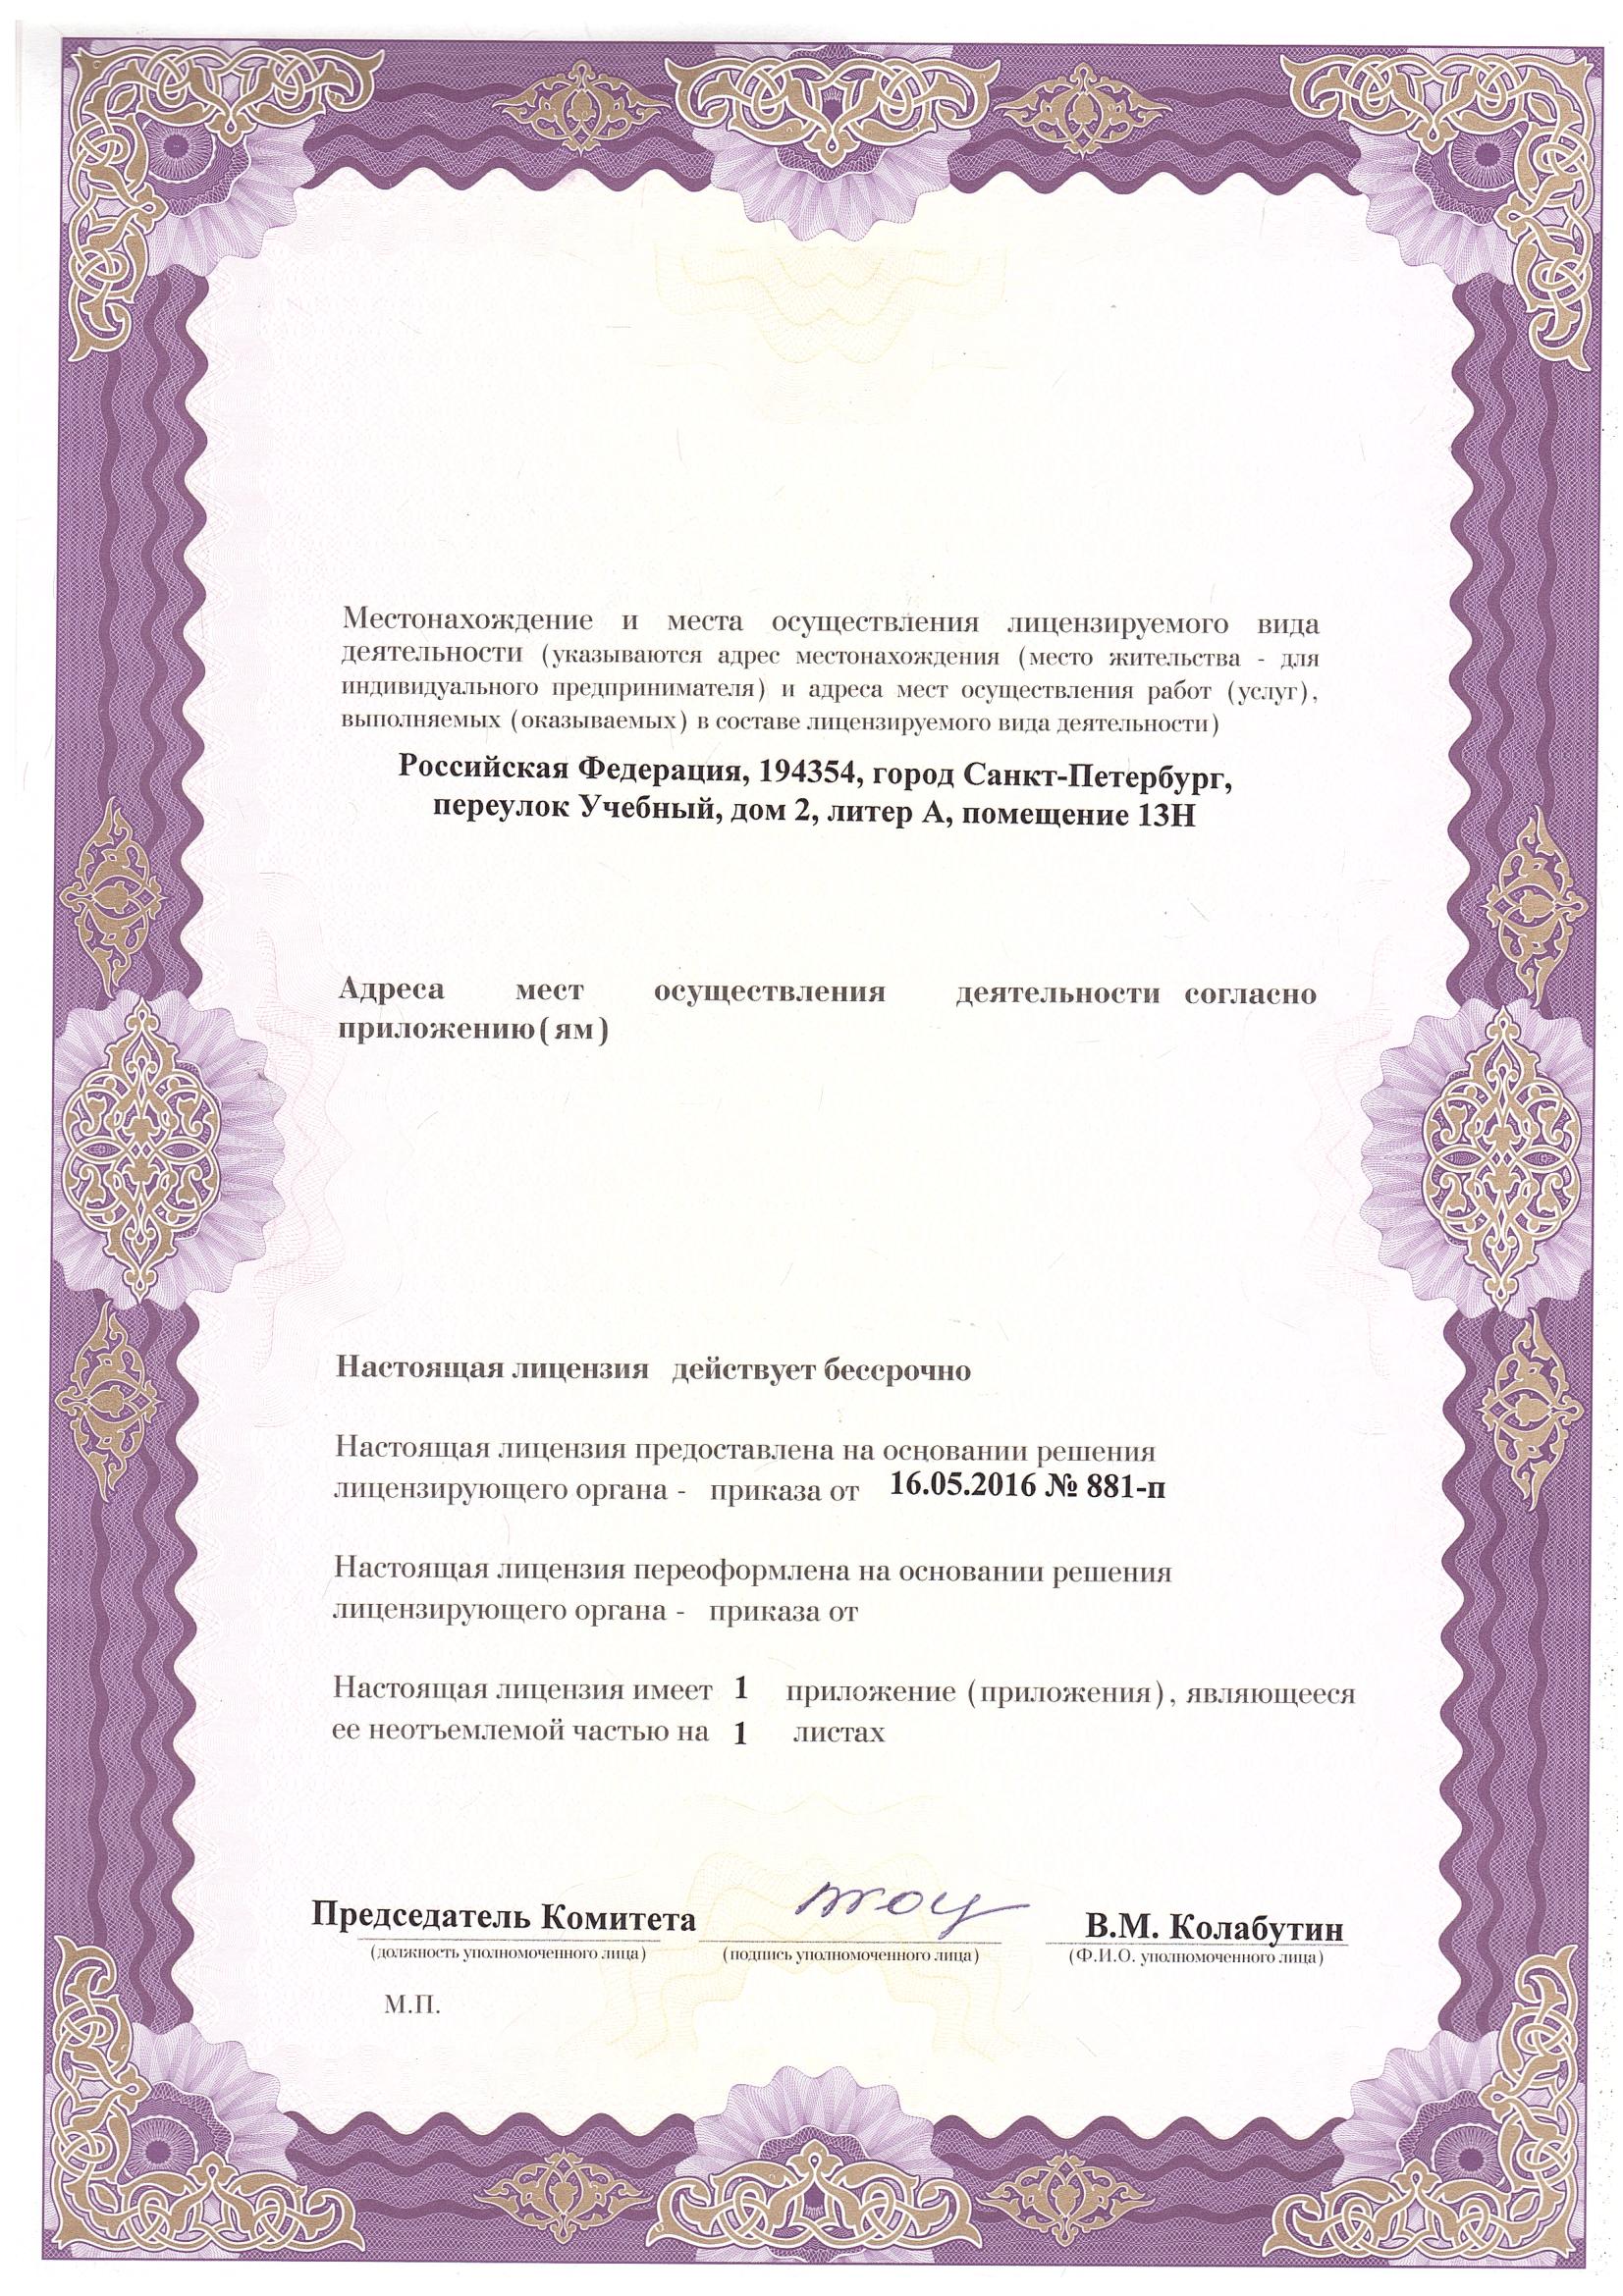 Лицензия стр 2-1